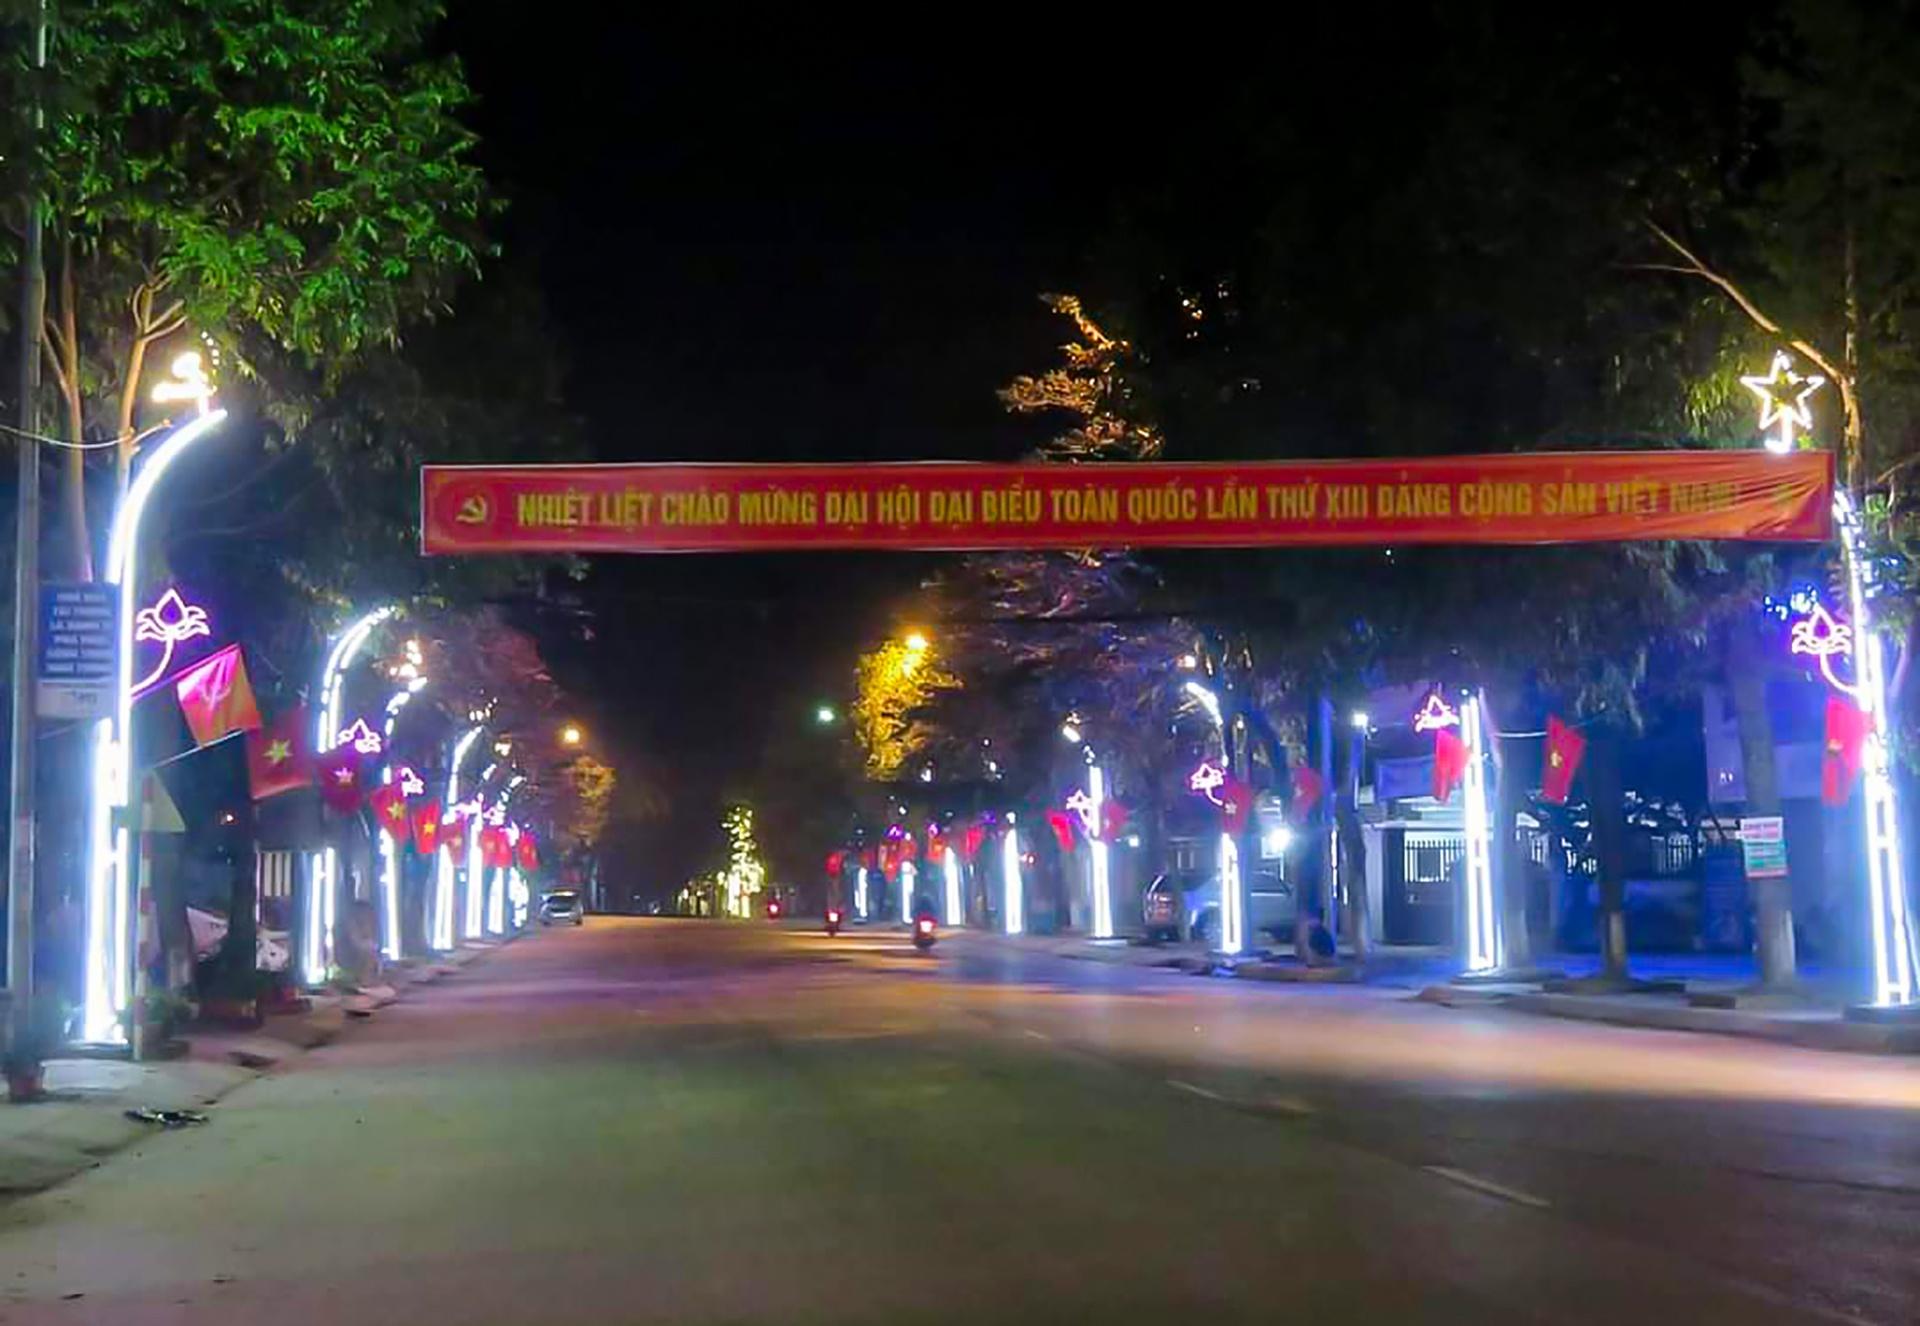 Không khí lung linh, tưng bừng ở huyện biên giới Quế Phong về đêm